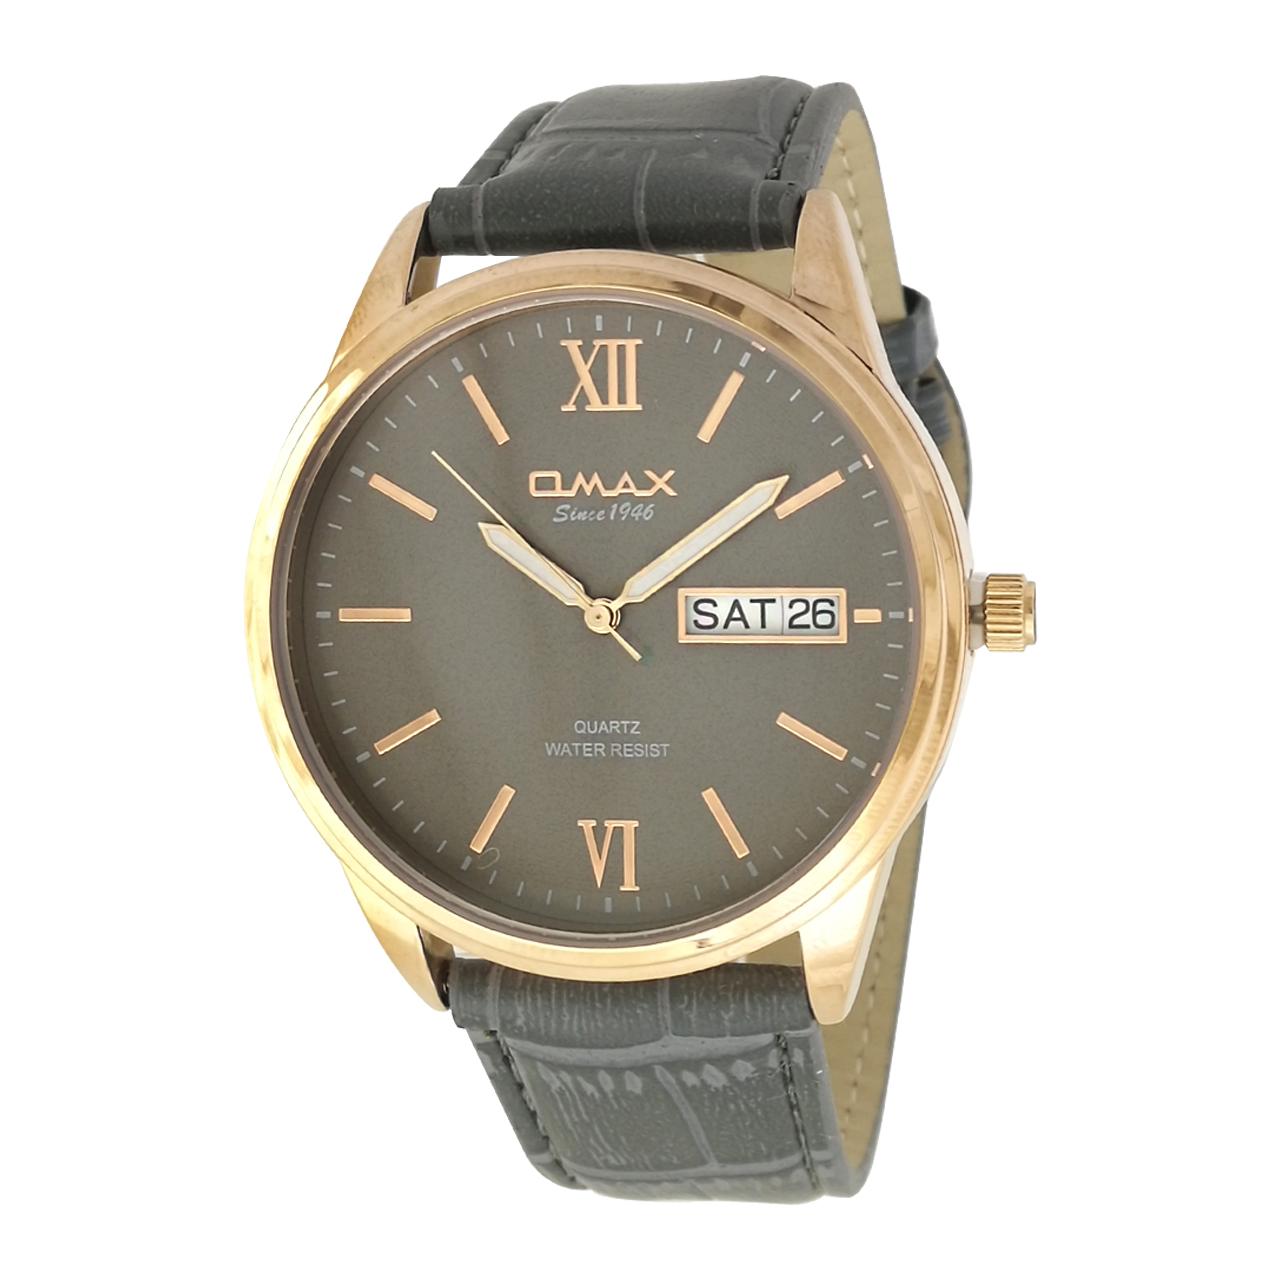 ساعت مچی عقربه ای مردانه اوماکس مدل gd03r به همراه دستمال مخصوص برند کلین واچ